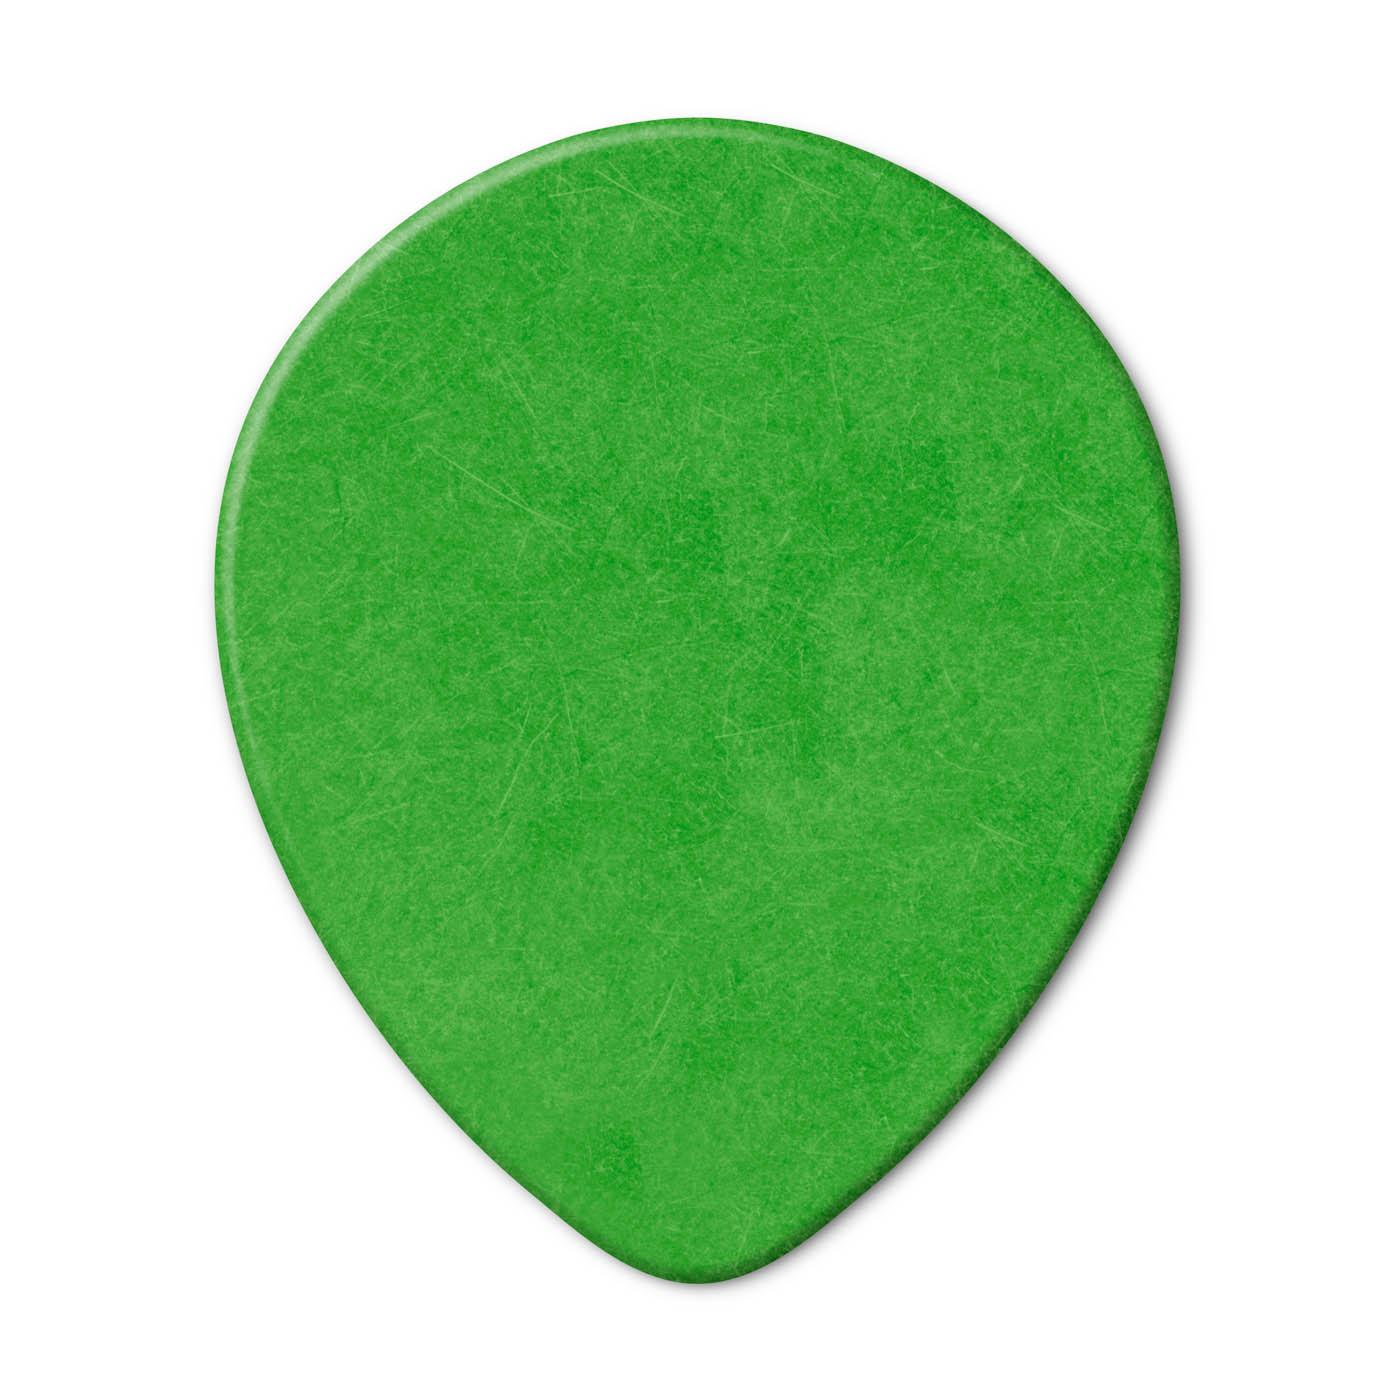 Dunlop Tortex Tear Drop 0,88 green